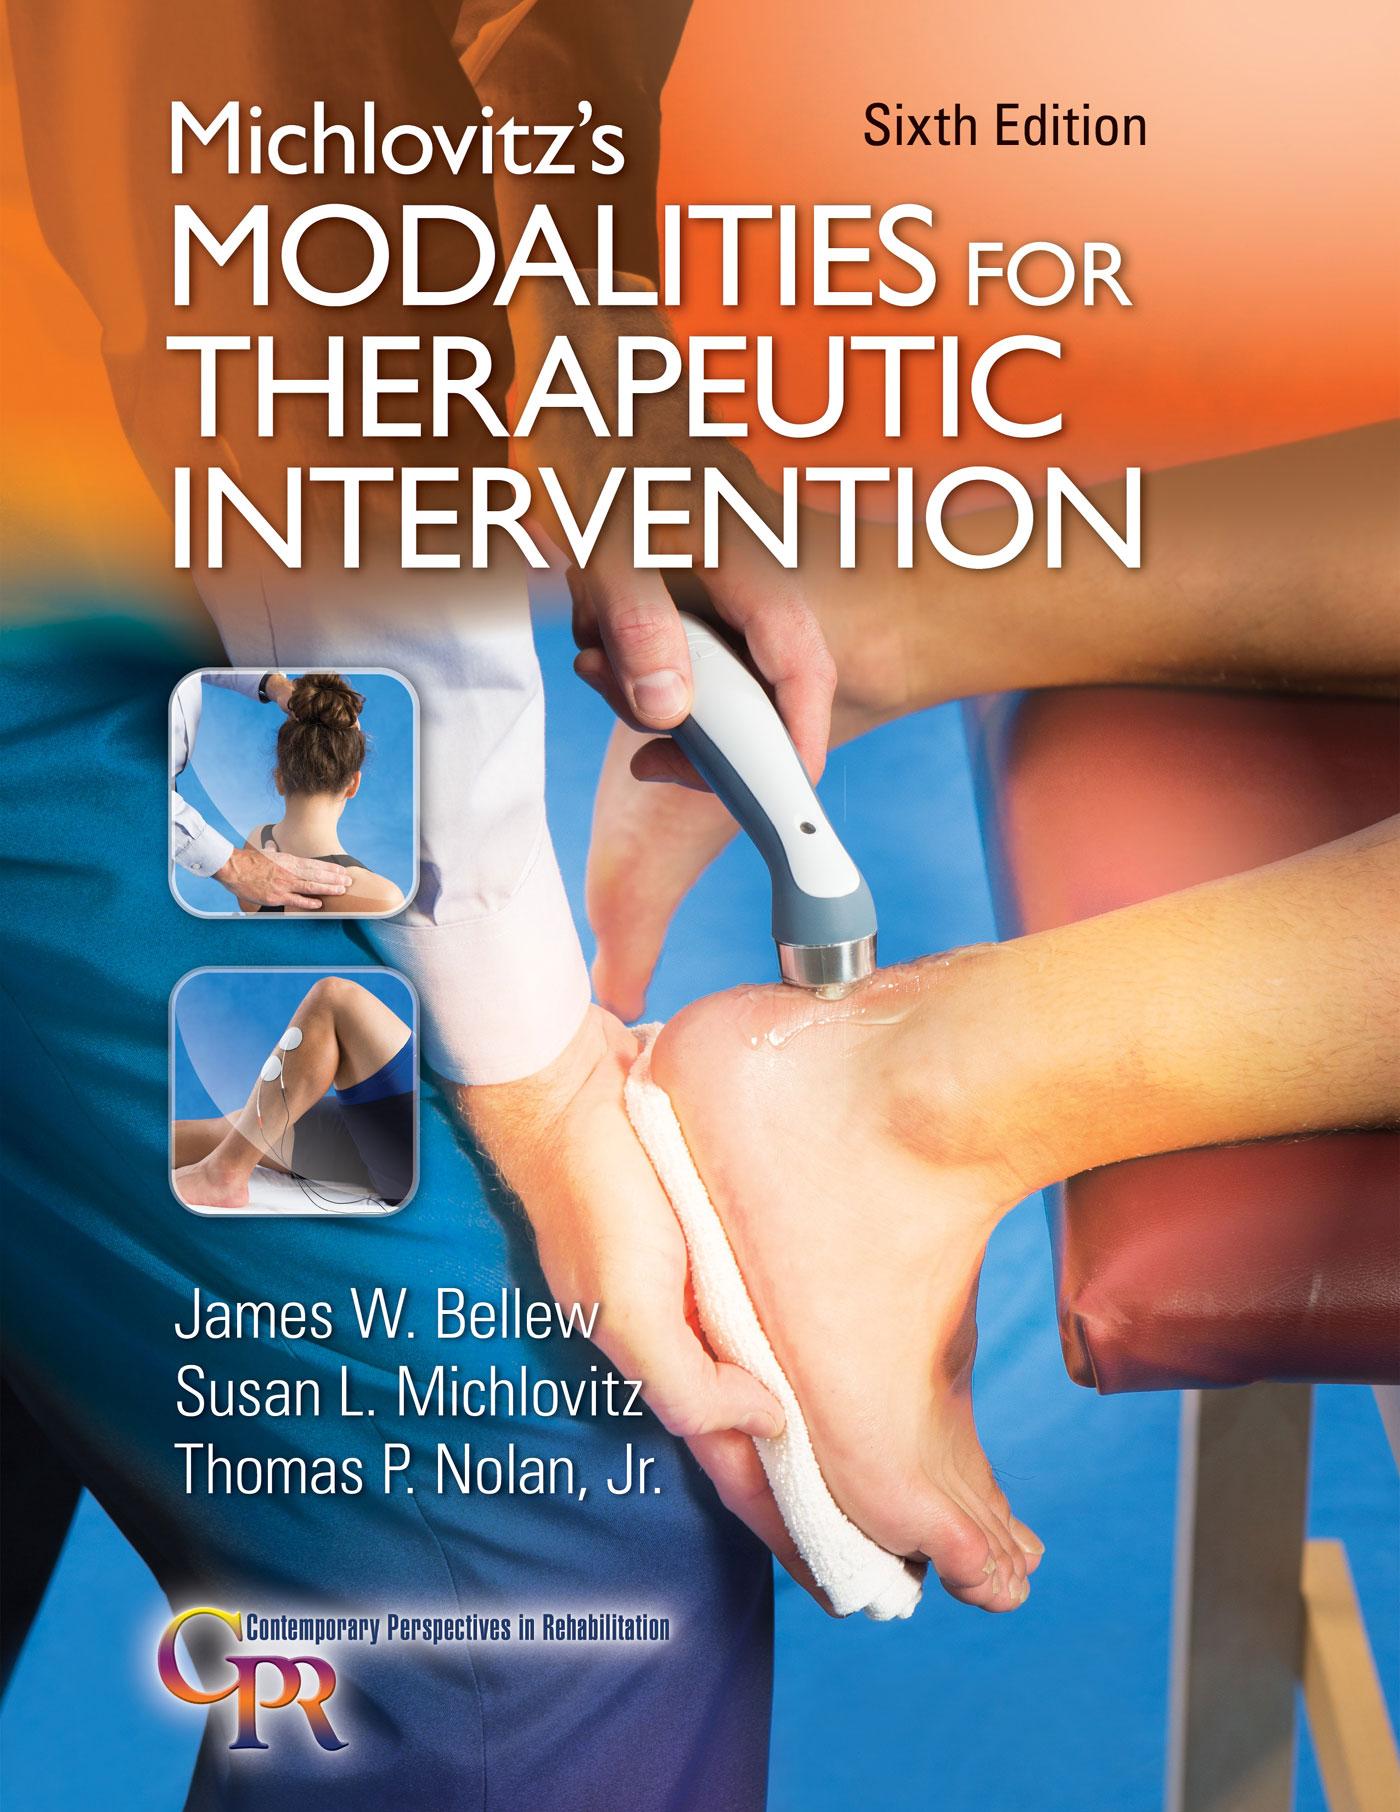 Modalities for Therapeutic Intervention, 6e